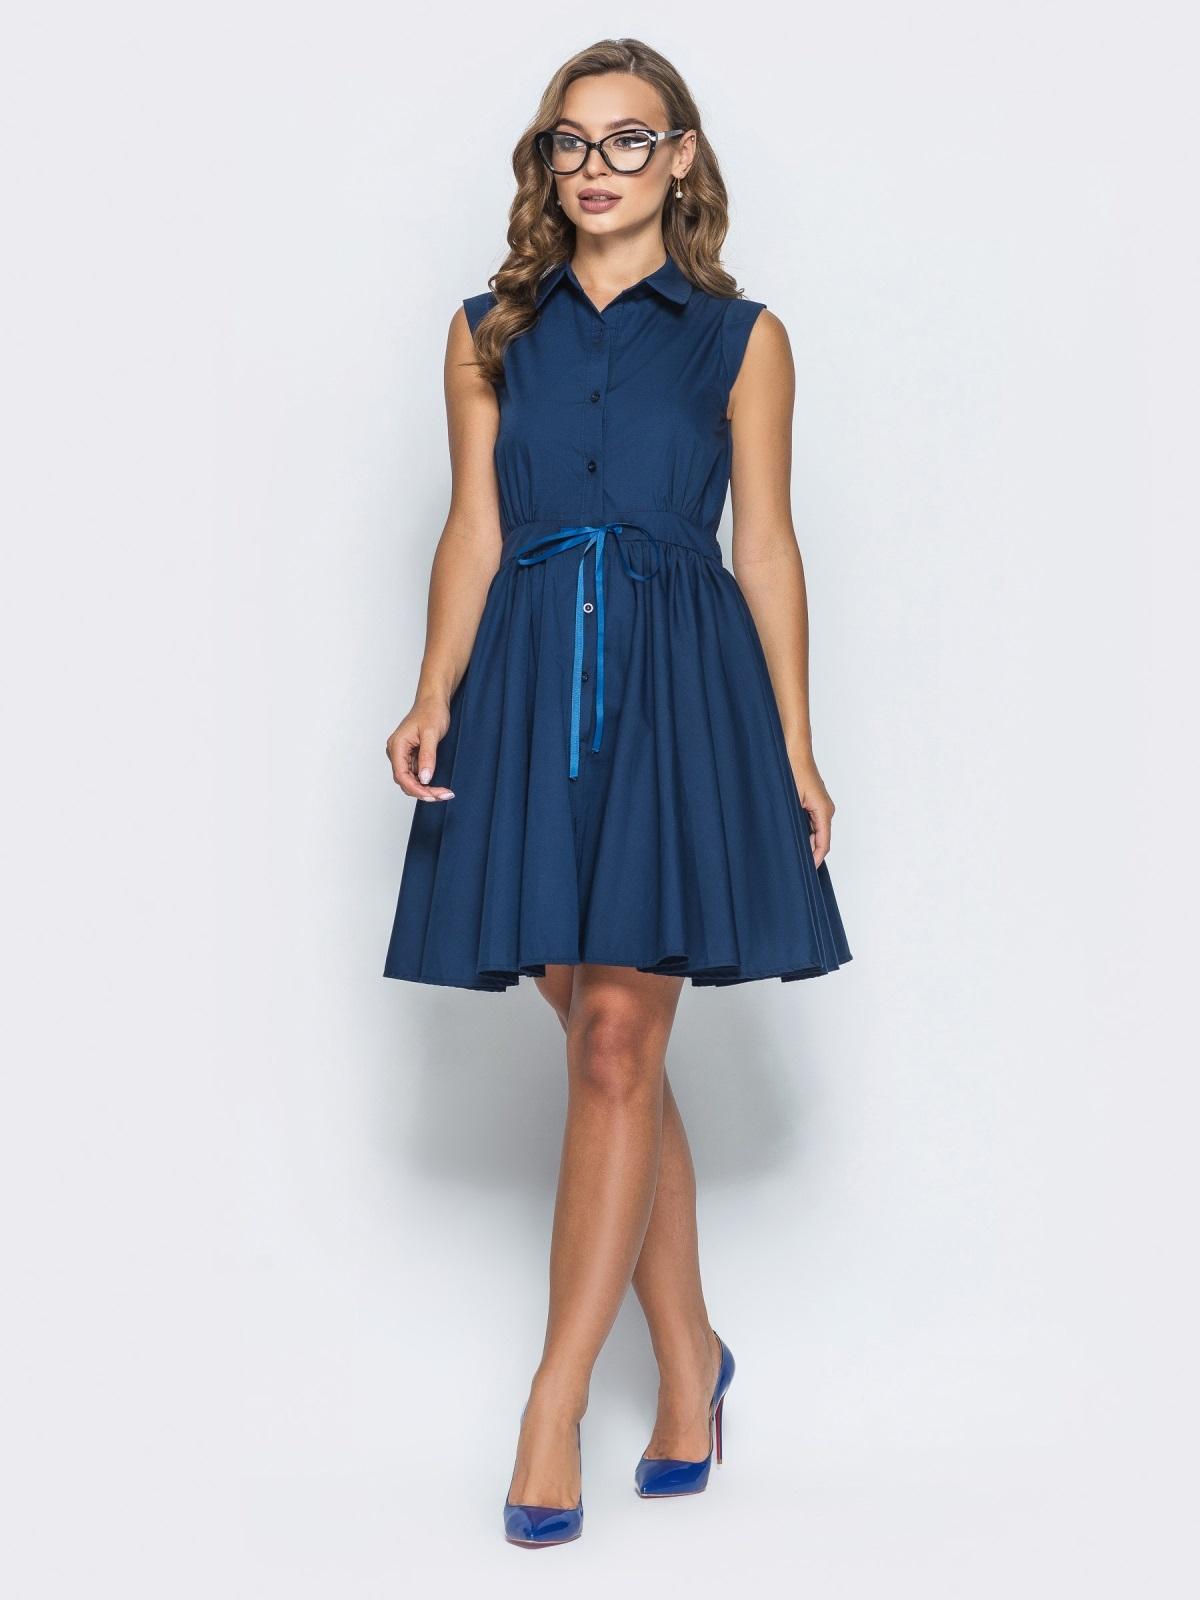 Хлопковое платье с объемной юбкой тёмно-синее 14615, фото 1